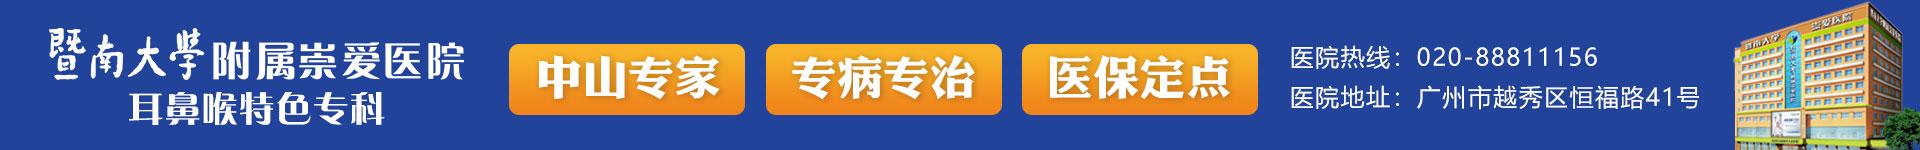 广州耳鼻喉医院